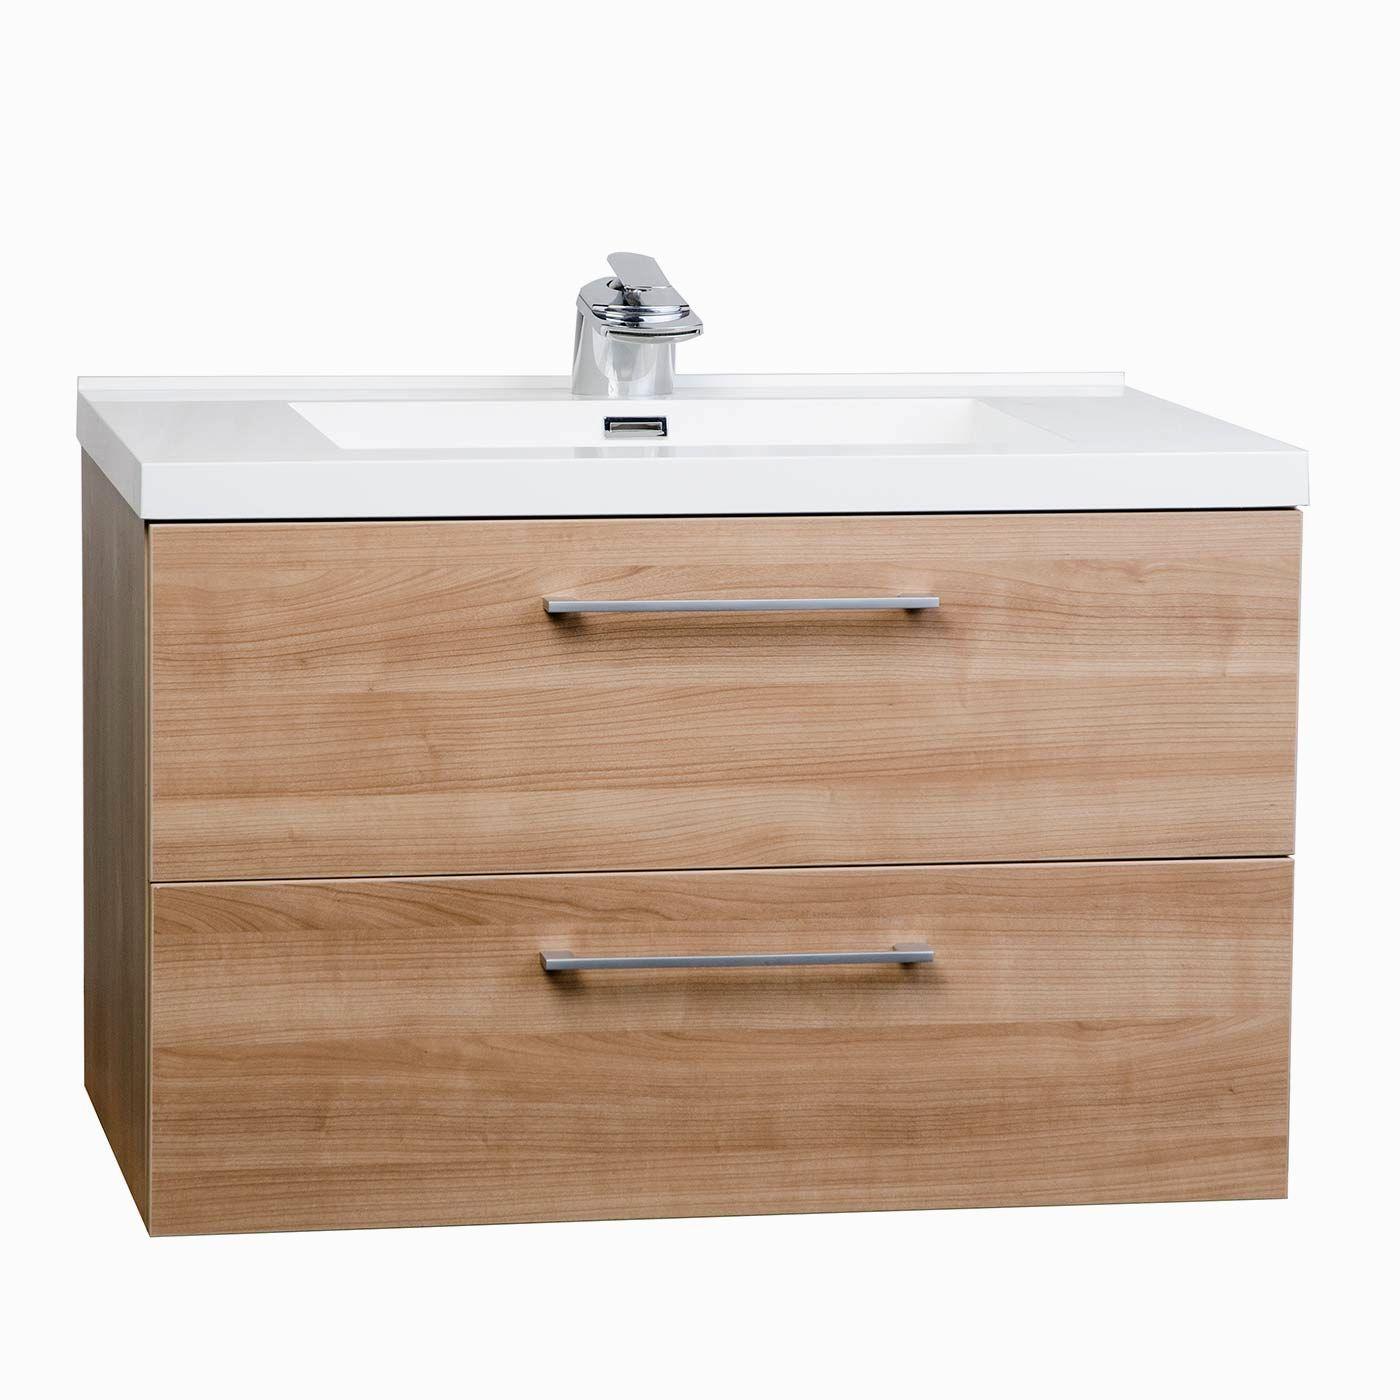 cool bathroom vanity with vessel sink gallery-Beautiful Bathroom Vanity with Vessel Sink Design